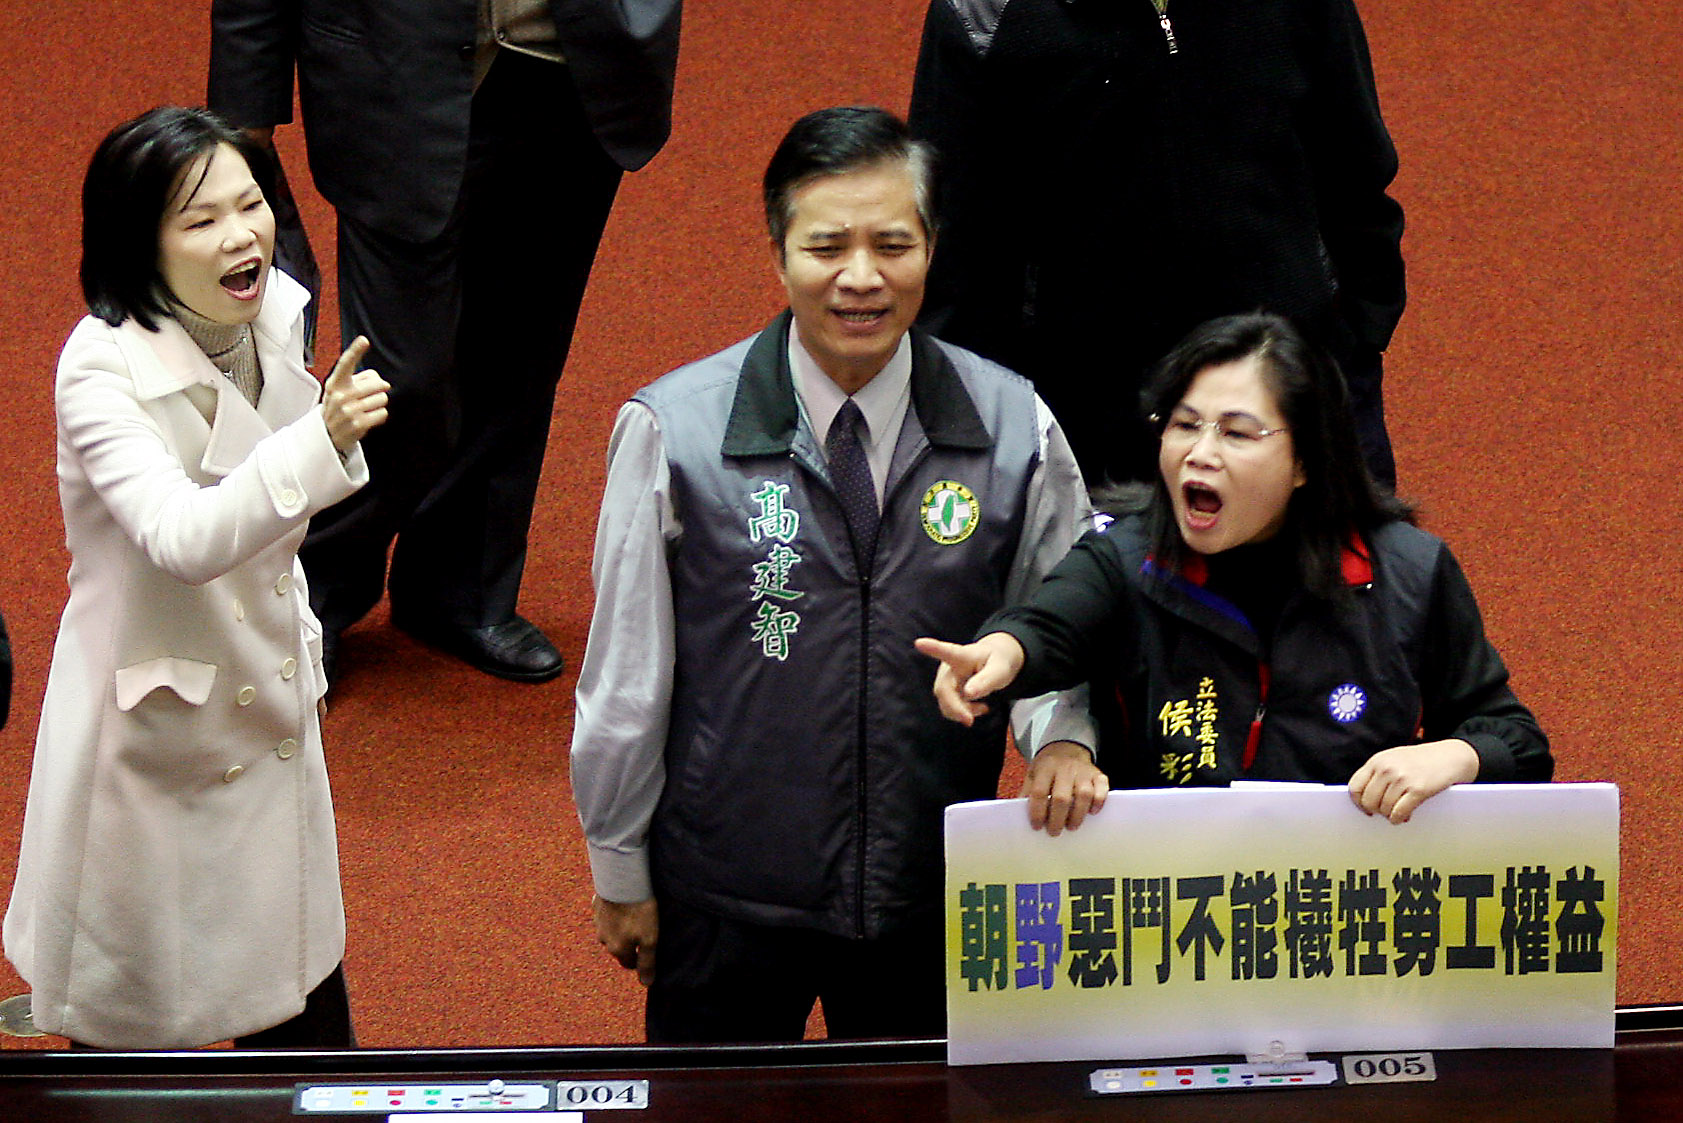 立法院一月二十九日朝野協商決定不召開臨時會,會後國民黨委員侯彩鳳(右)與民進黨委員唐碧娥(左)互相吶喊口號表示抗議。